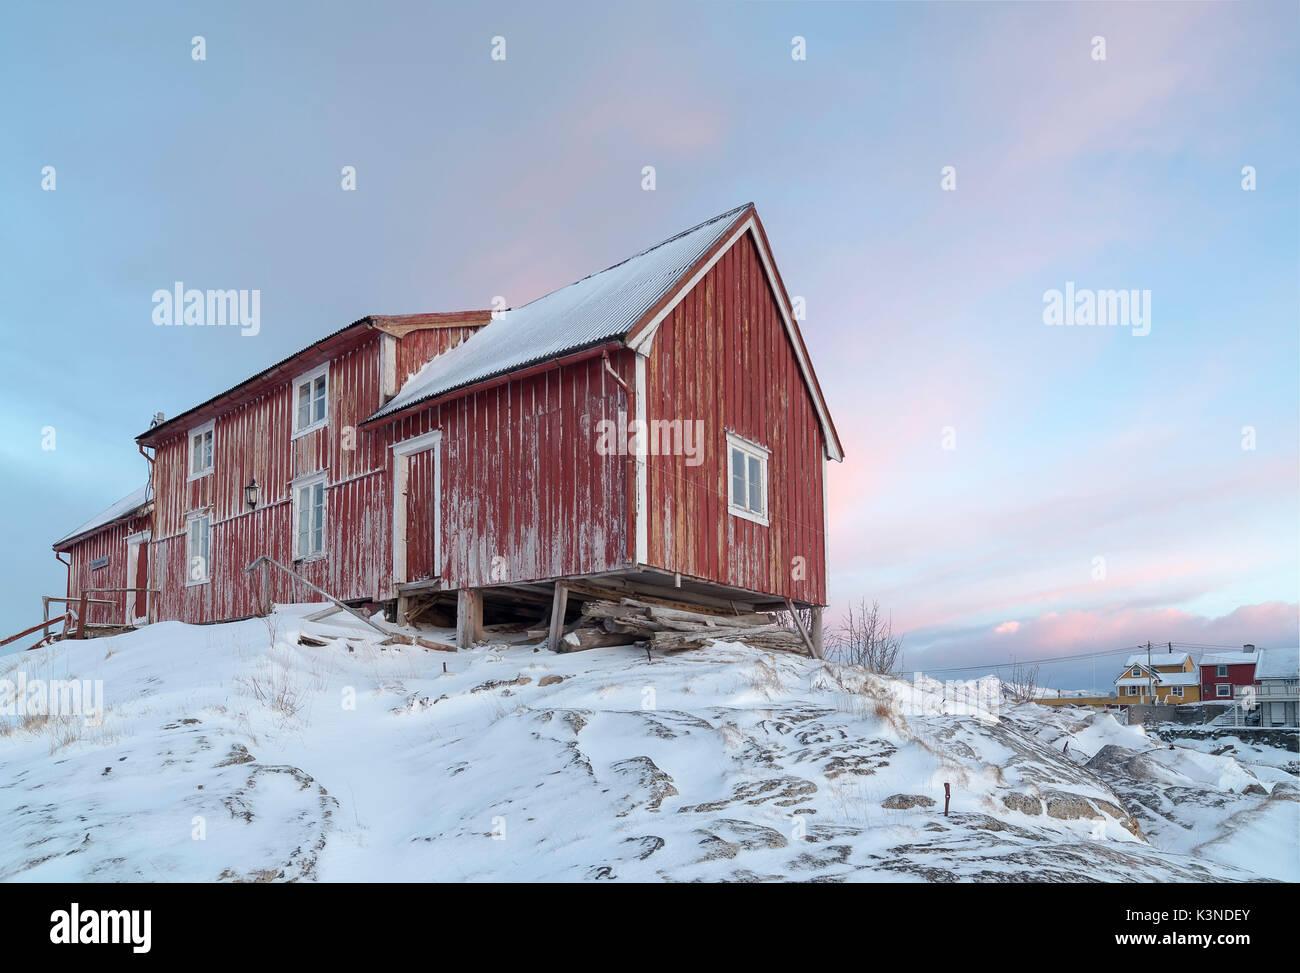 Tipica casa norvegese con colorati sky sullo sfondo, Isole Lofoten in Norvegia Immagini Stock